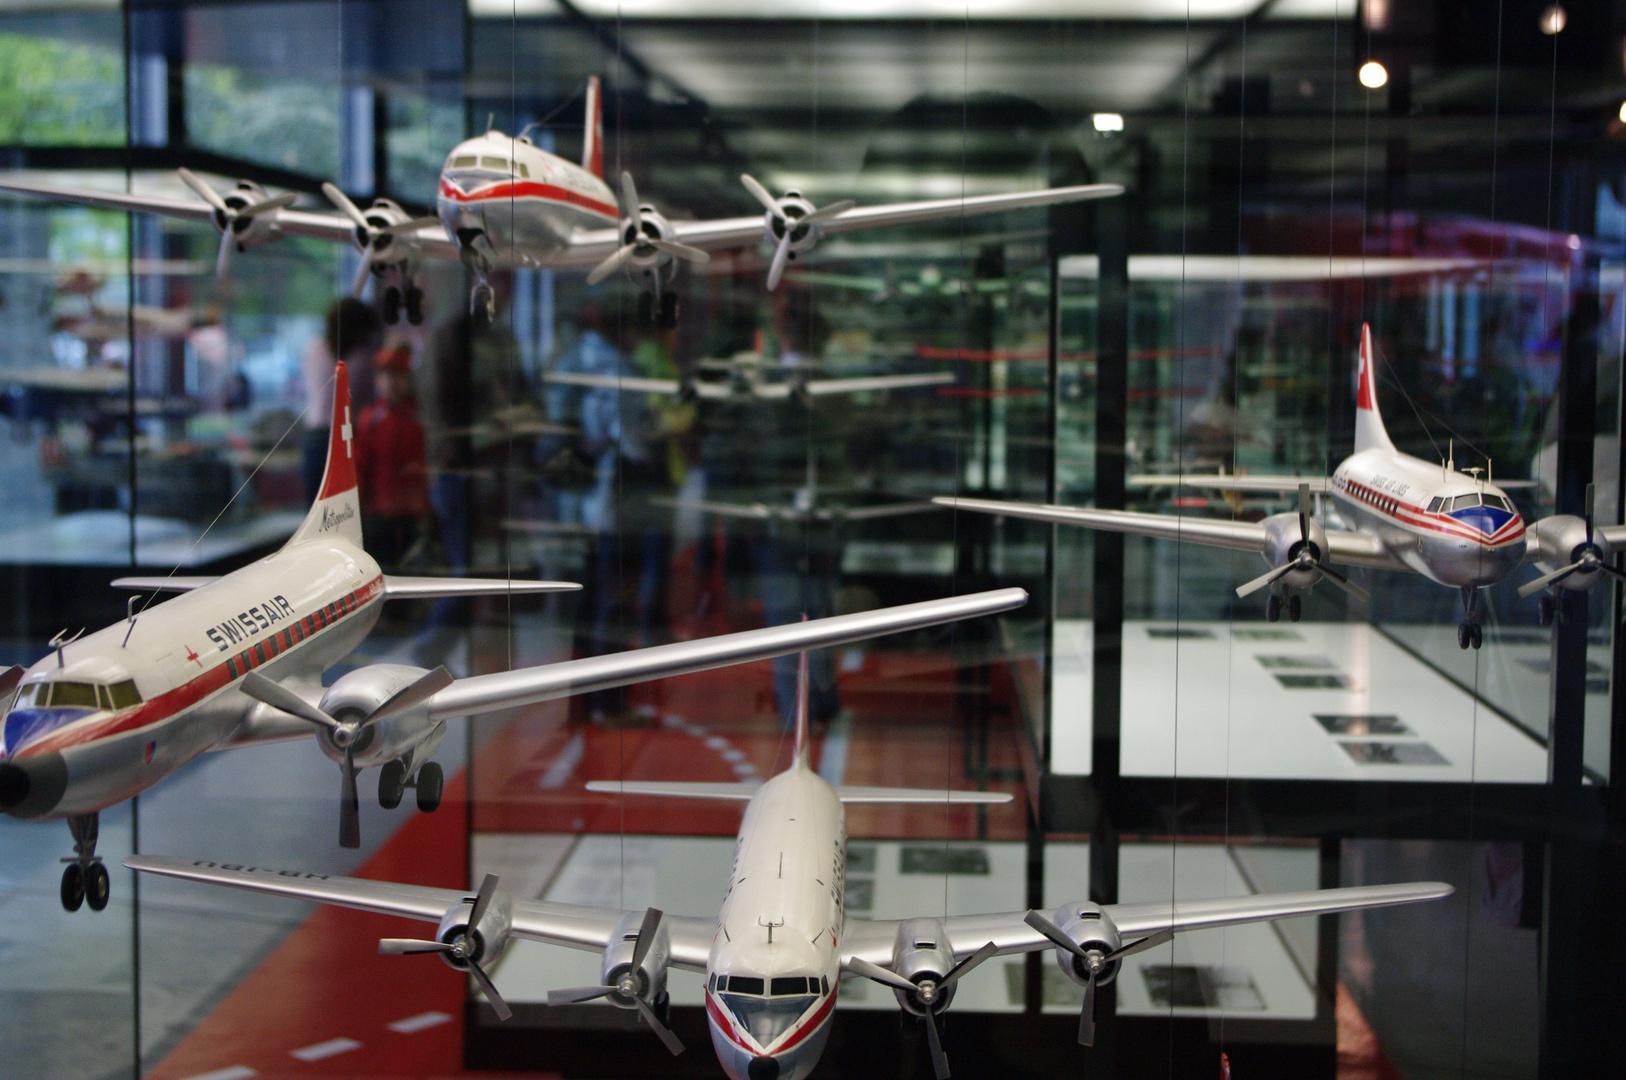 Swissair - es war einmal und ist nicht mehr - oder?